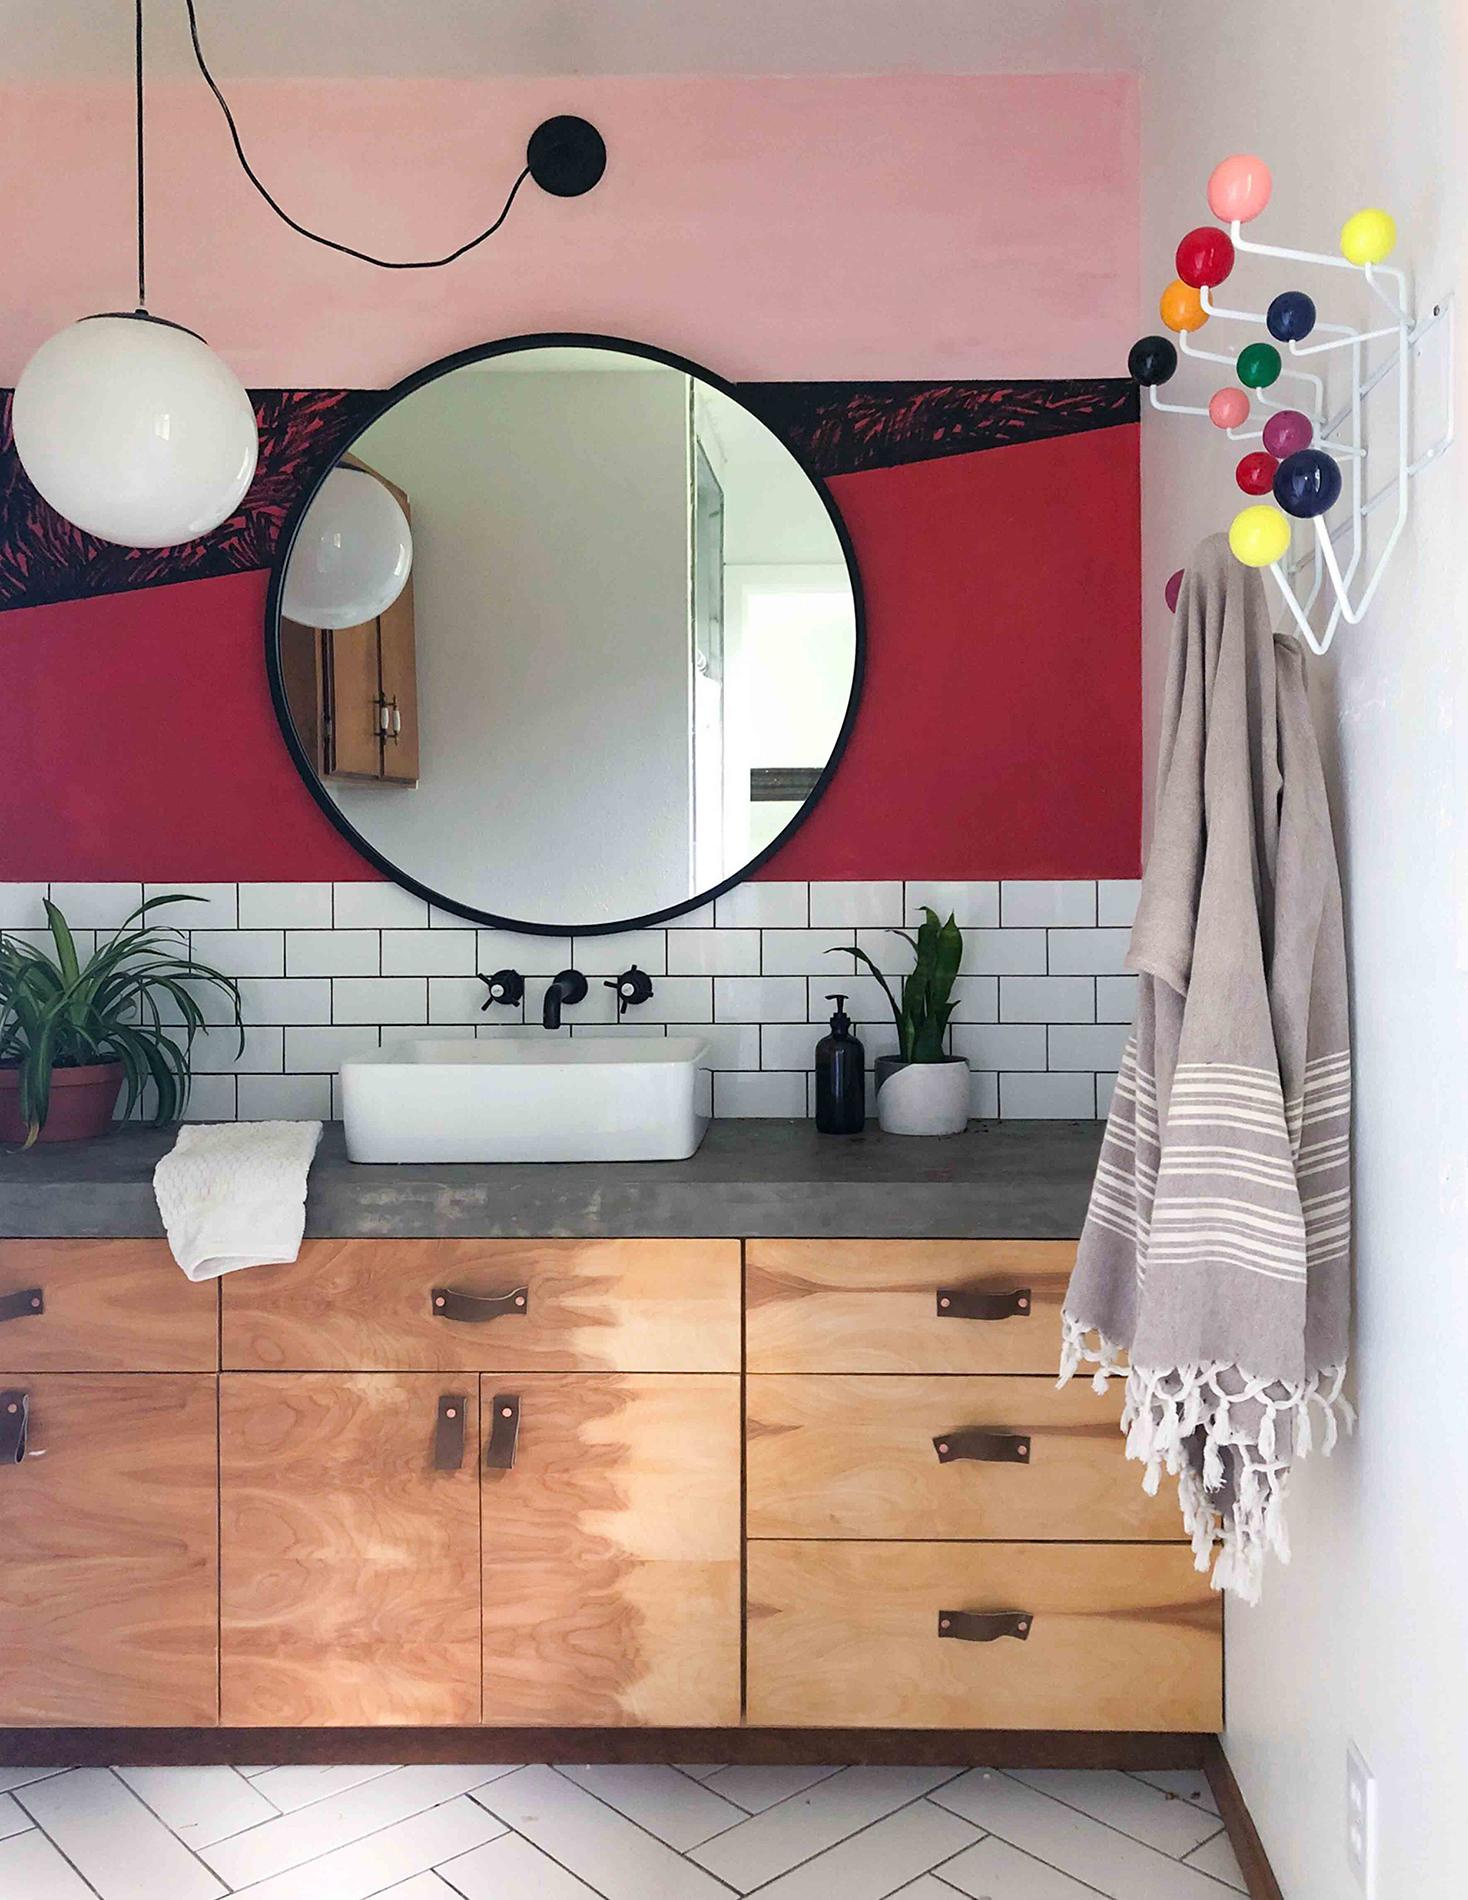 Нарисованный интерьер - ванная комната